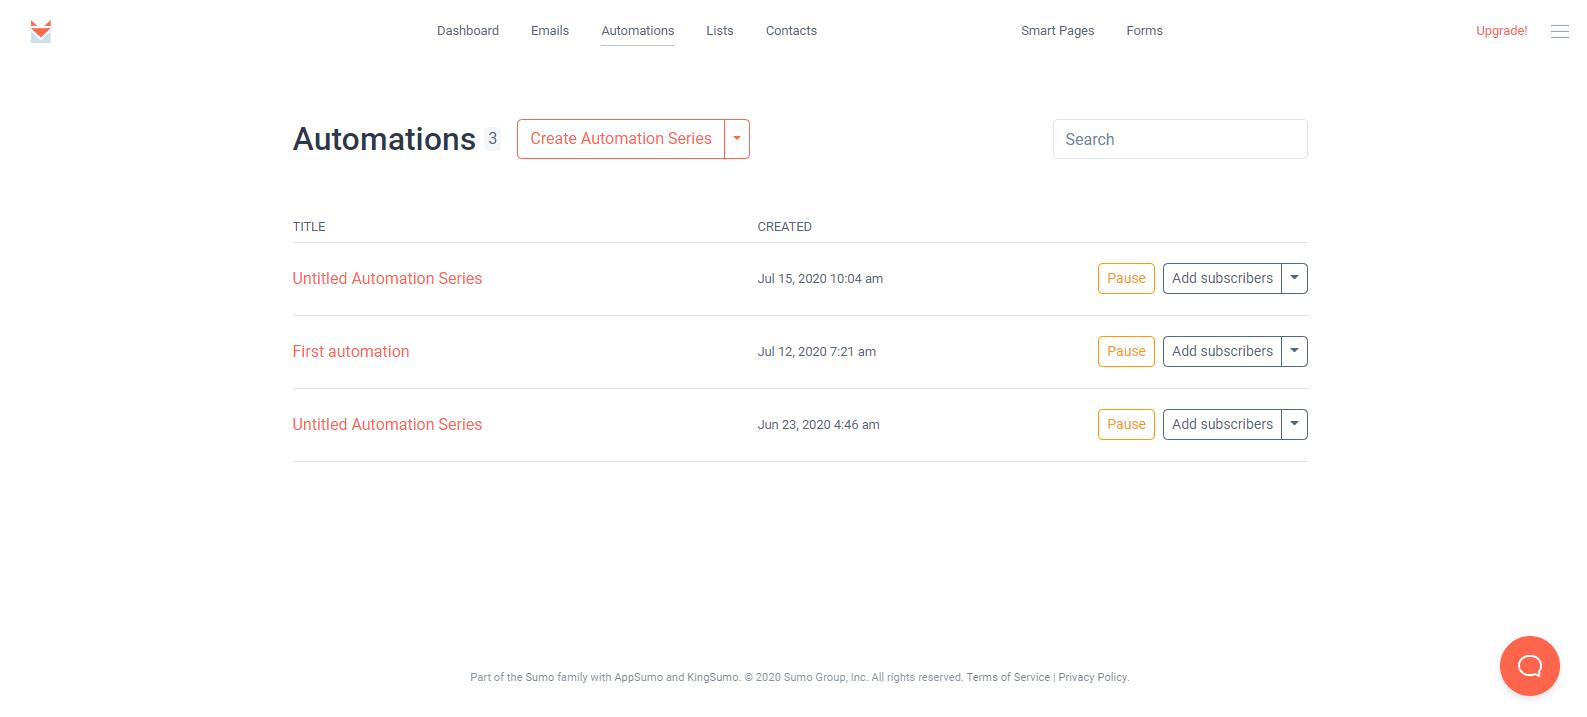 SendFox automations